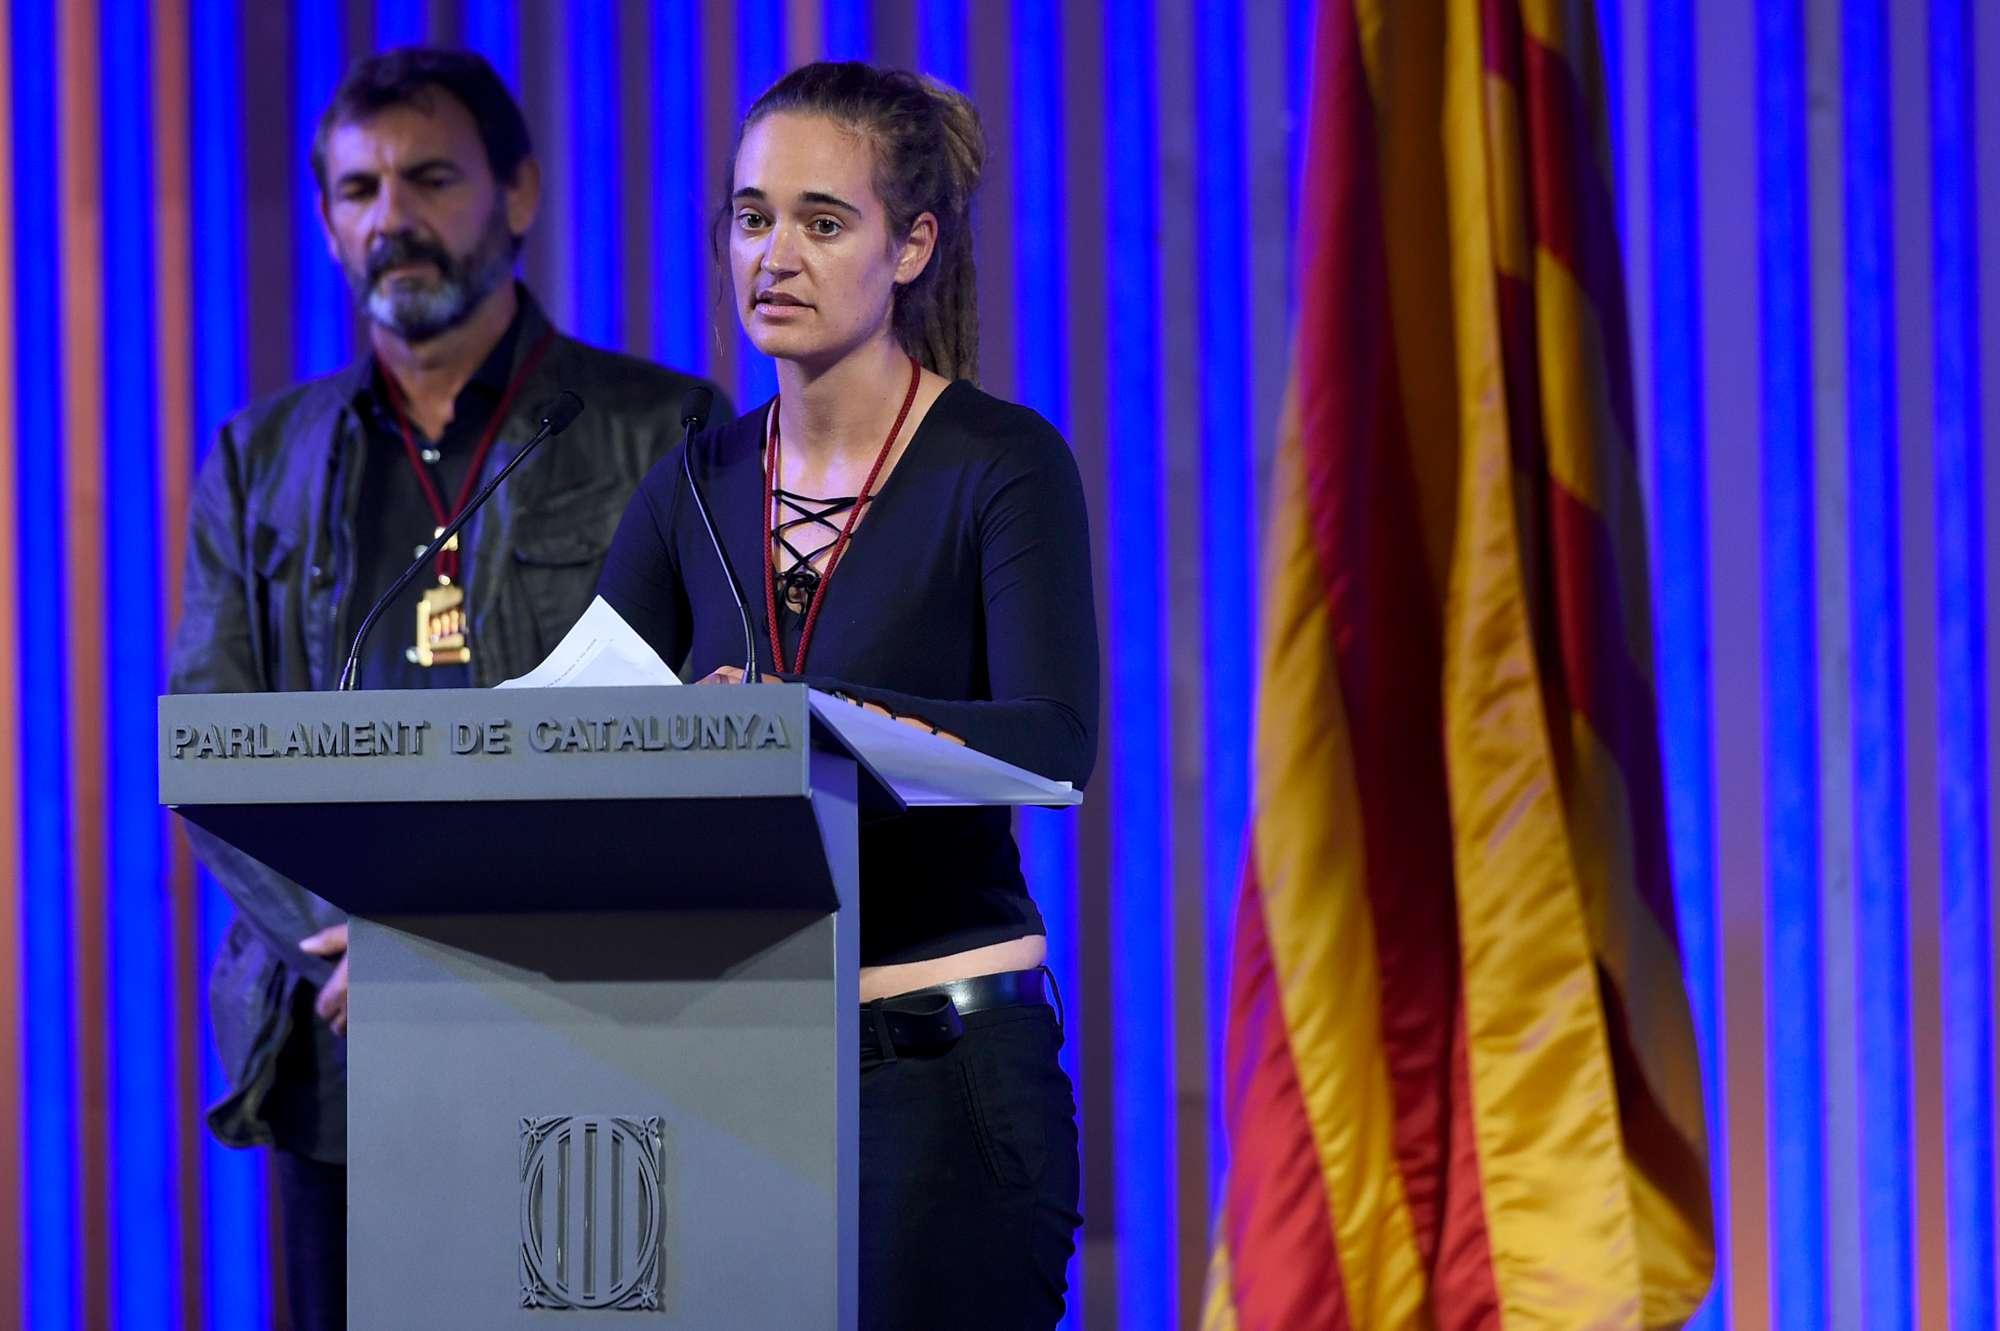 Migranti, a Carola Rackete la medaglia d oro del Parlamento catalano